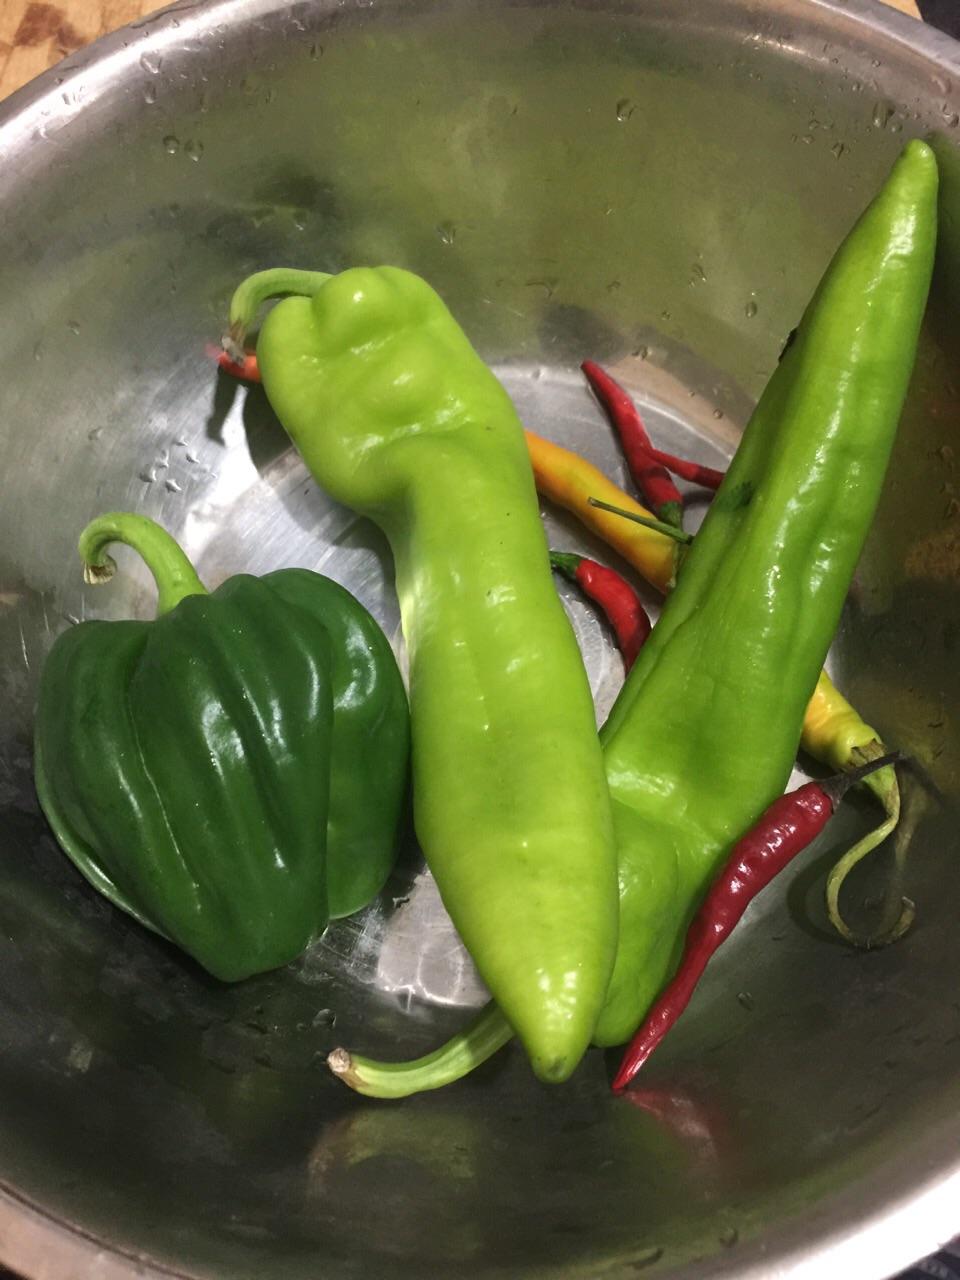 辣椒白豆干的做法步骤 3.